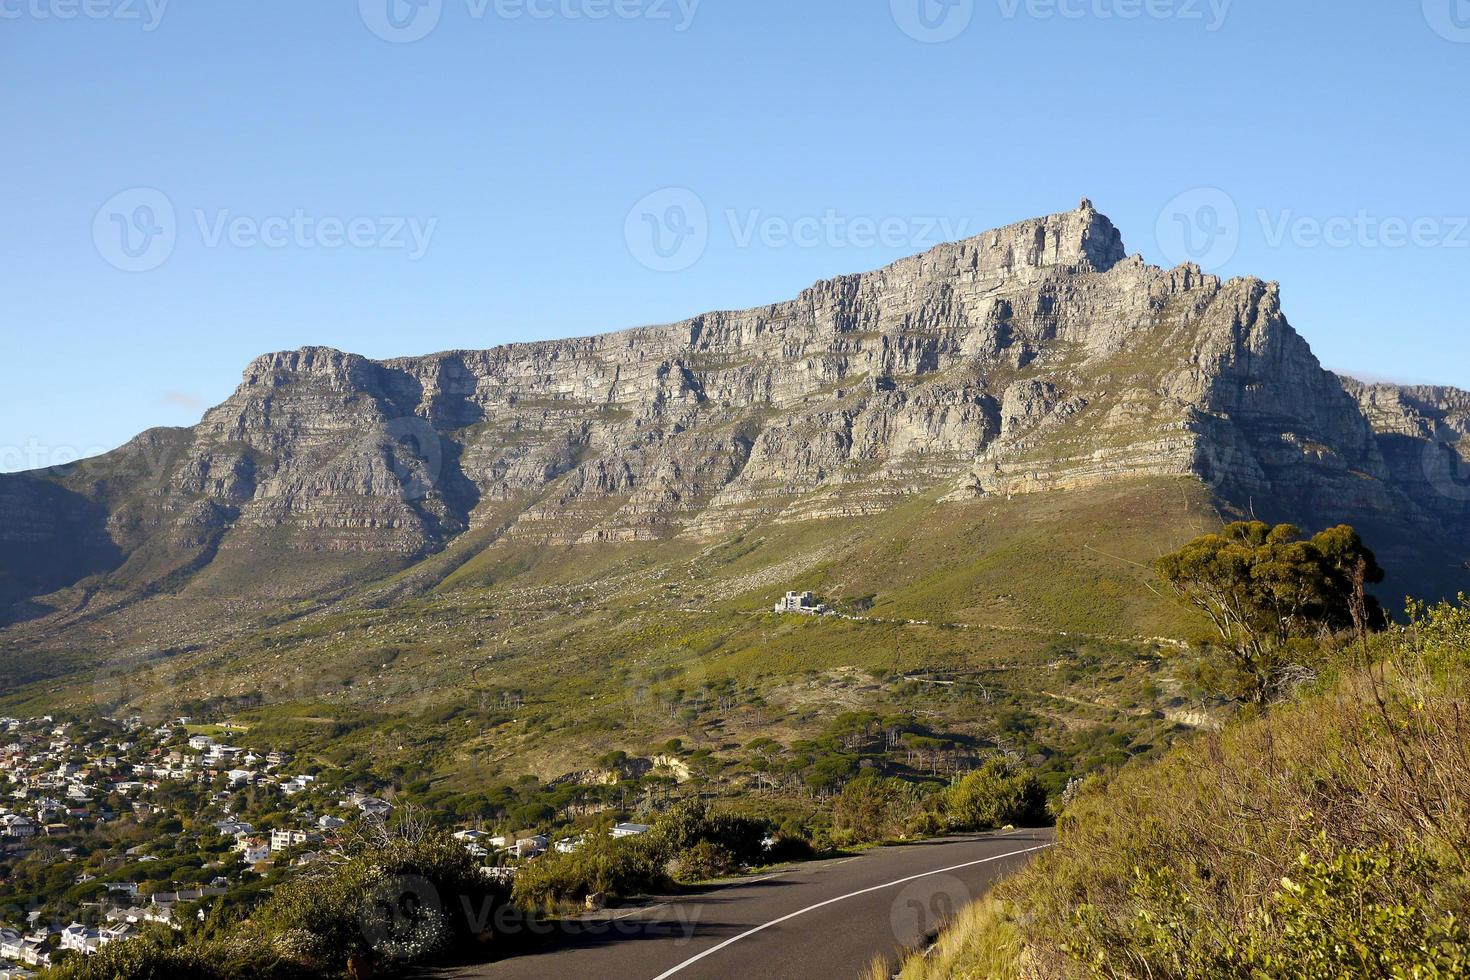 montagne de la table, afrique du sud photo